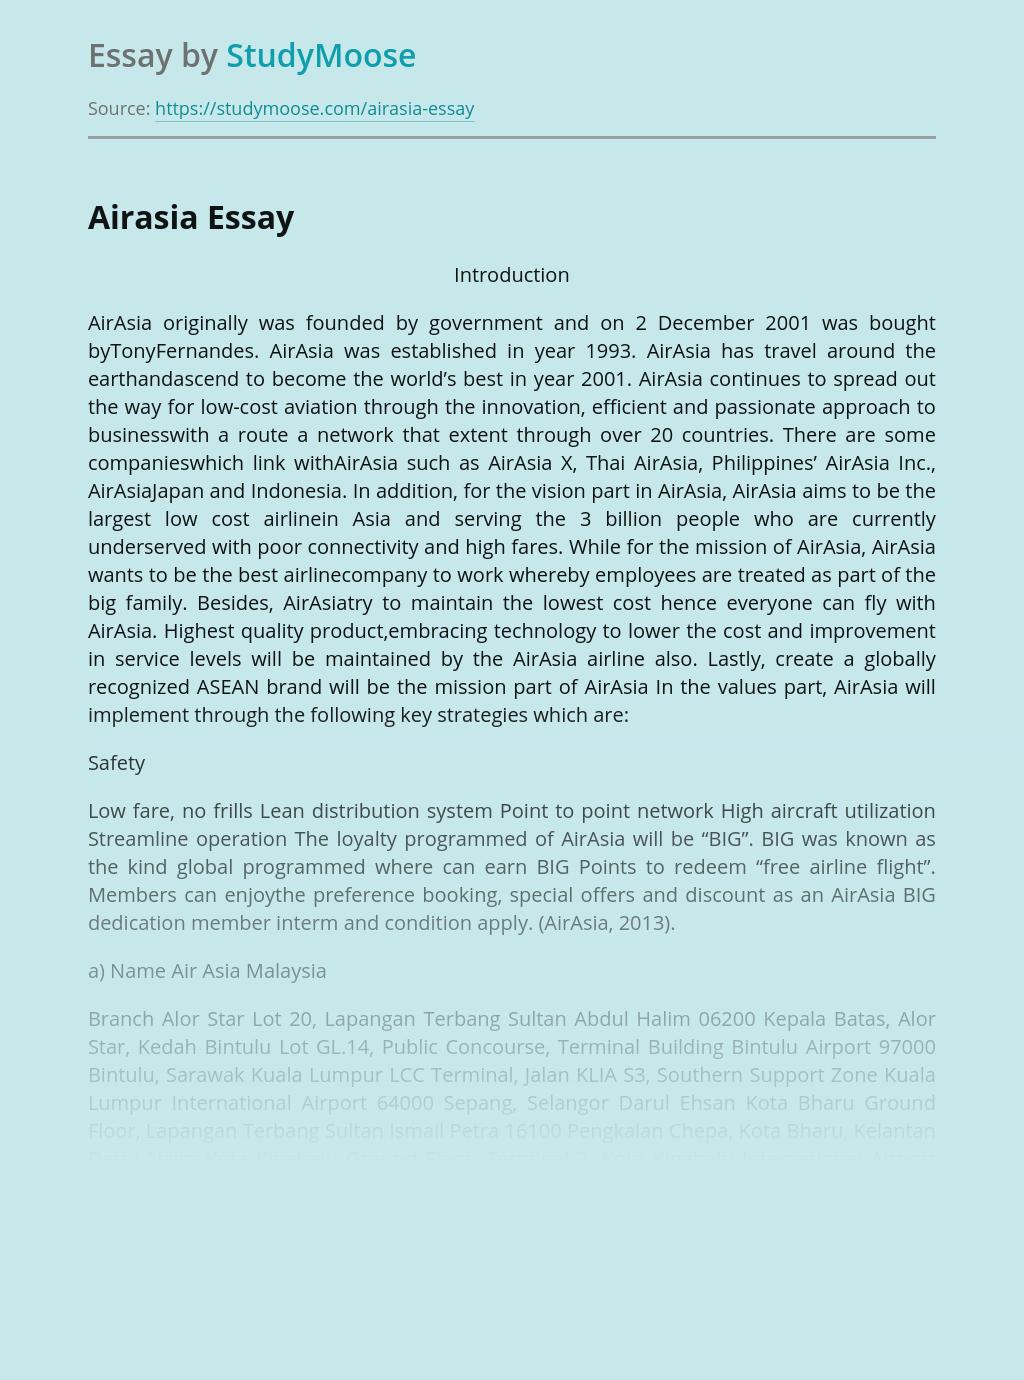 Airline company - AirAsia